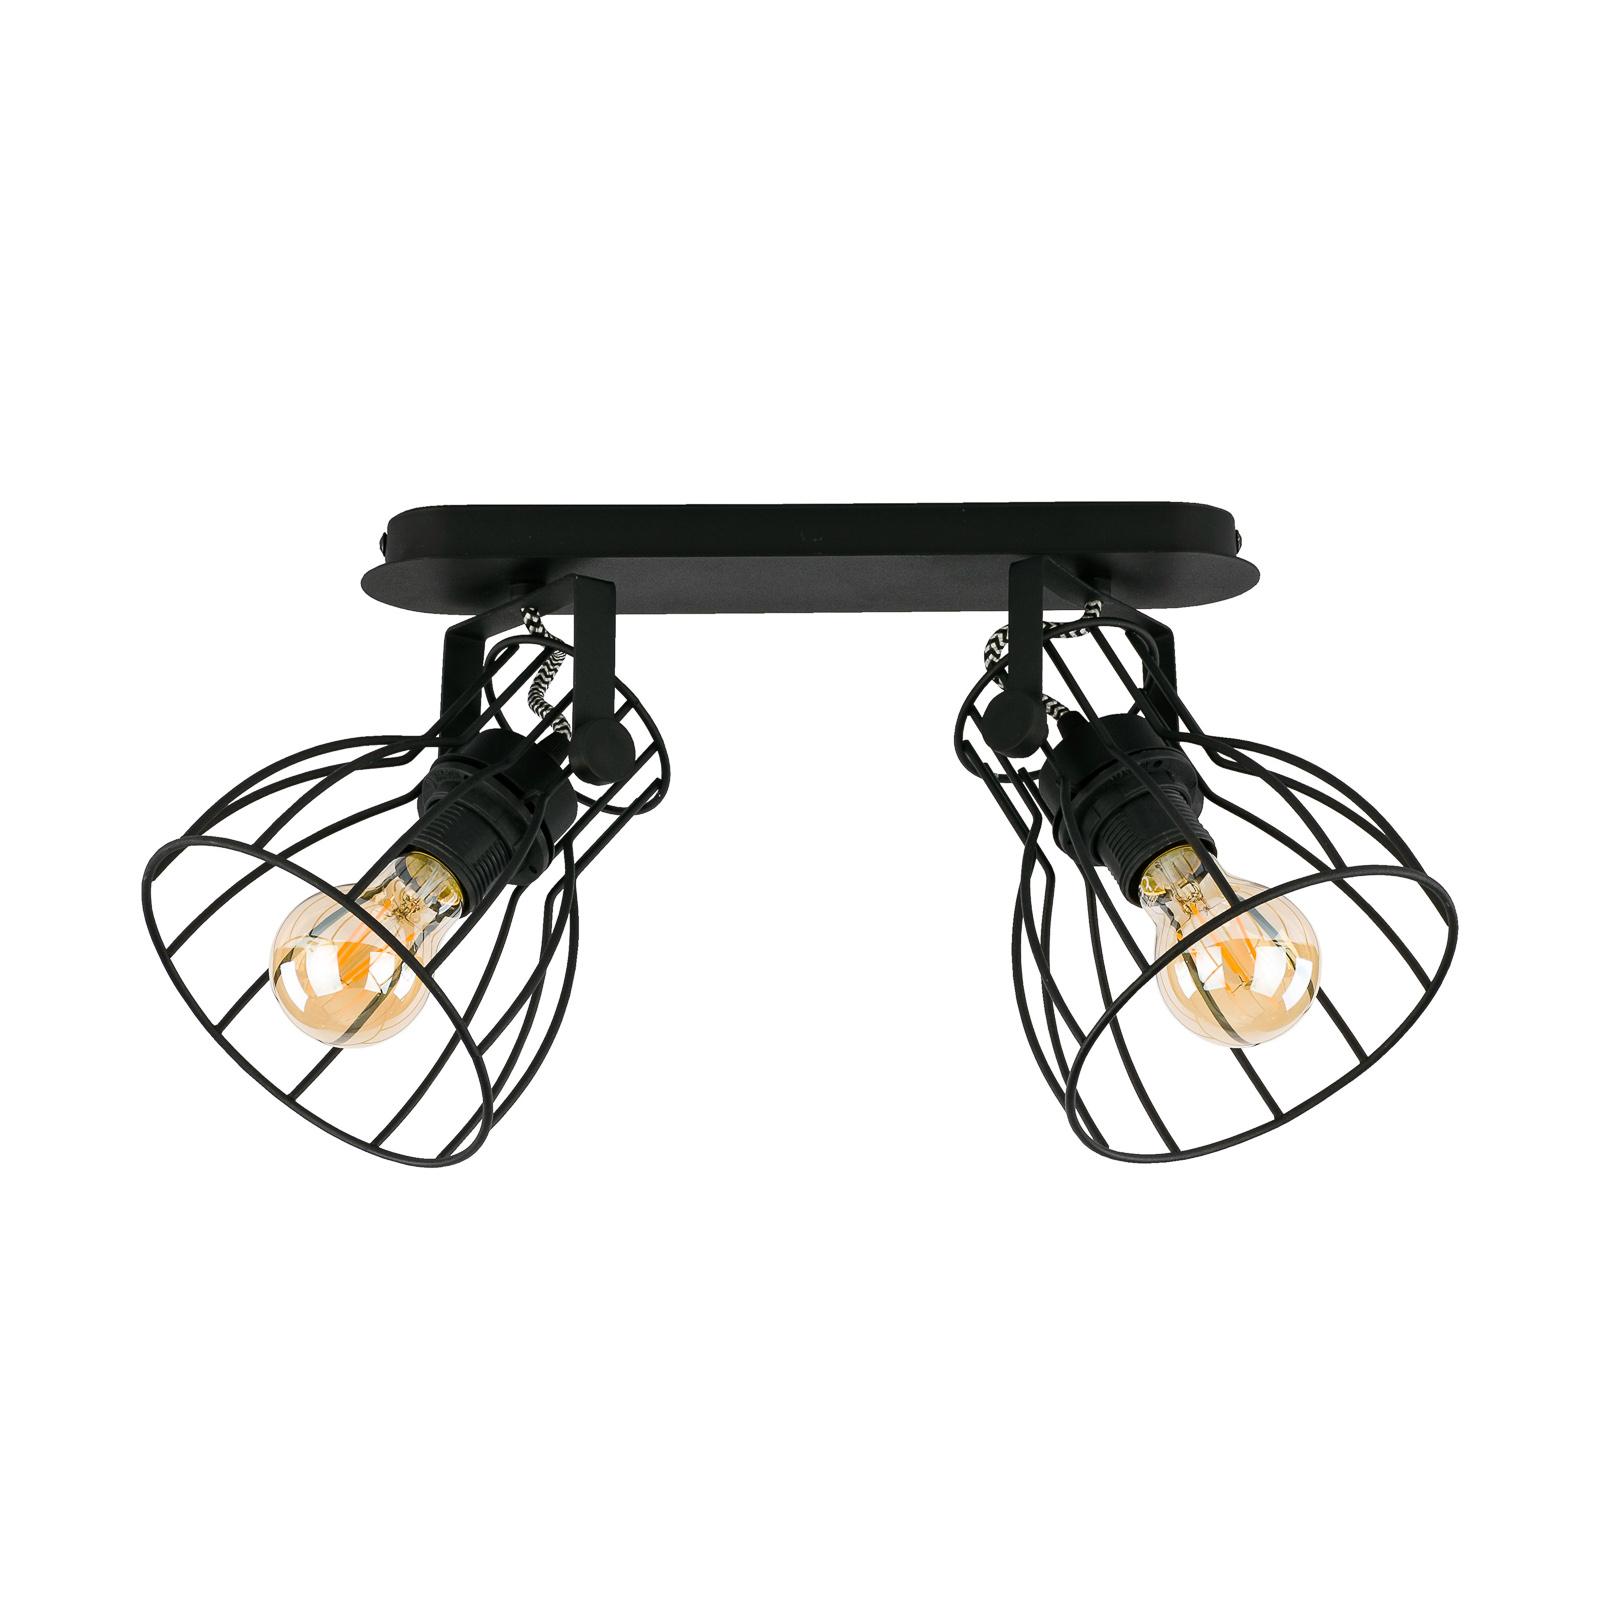 Kattovalaisin Alano, musta, 2-lamppuinen